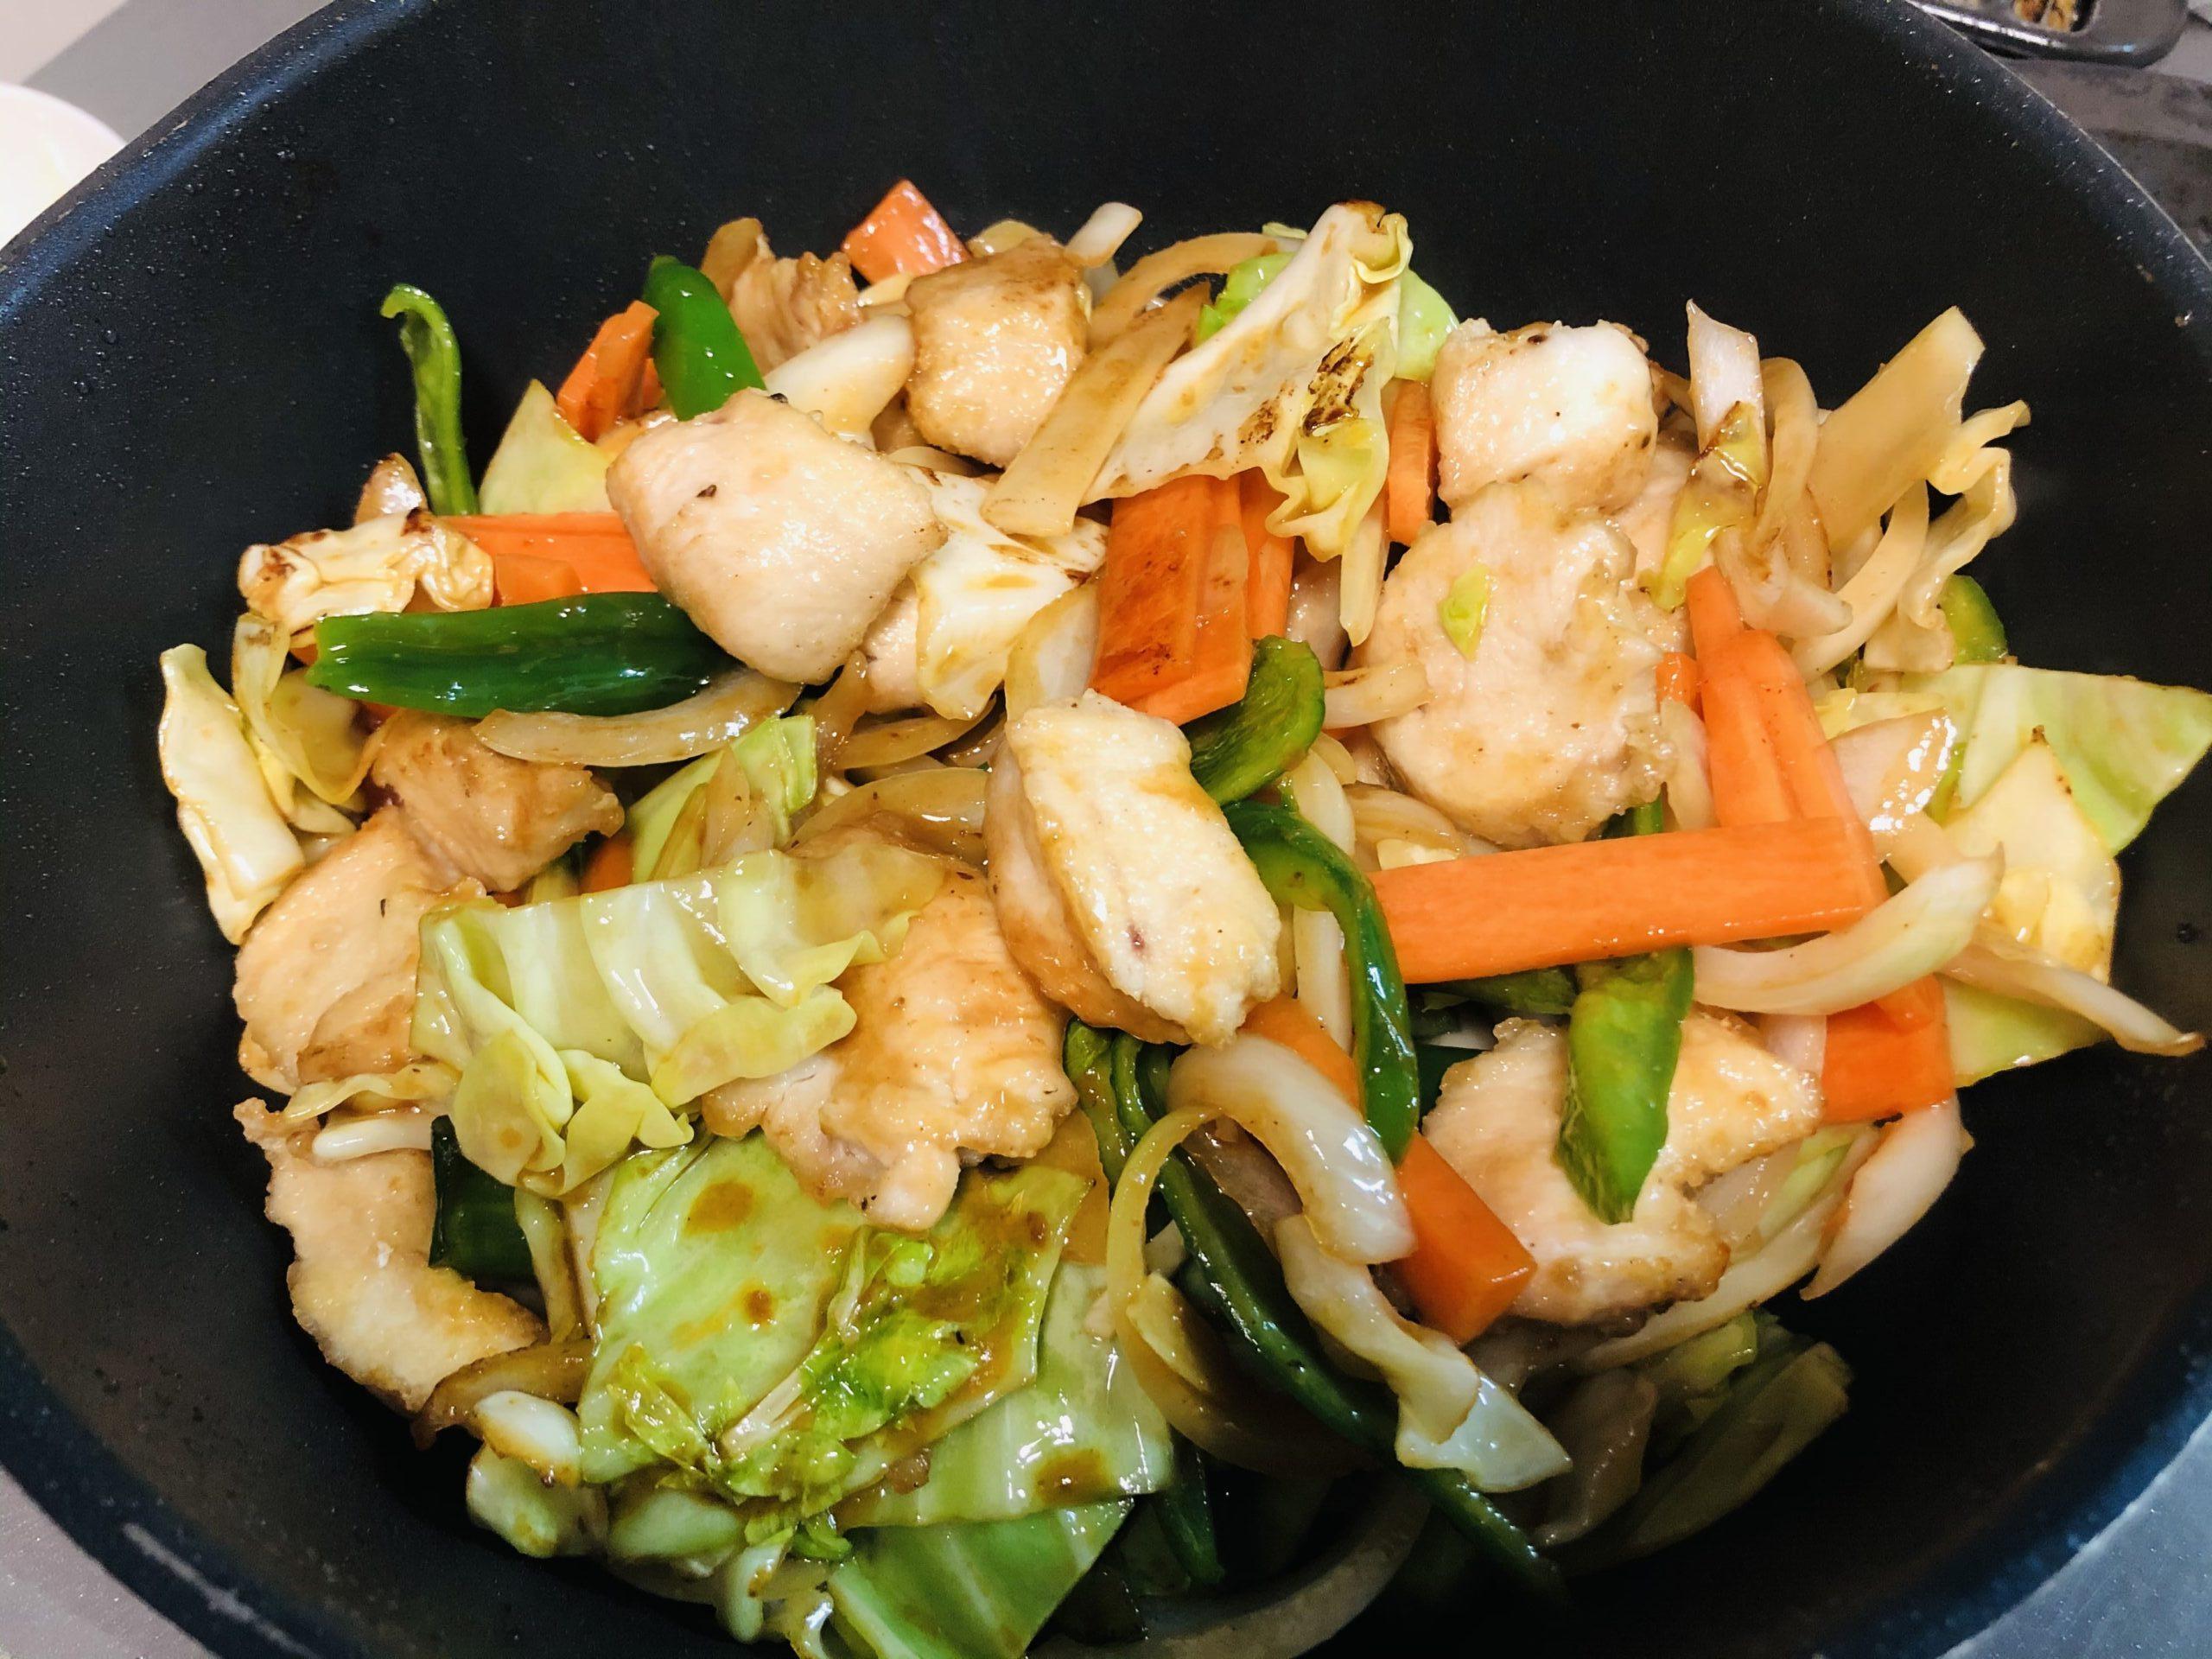 野菜と肉を絡めて炒めている様子の画像です